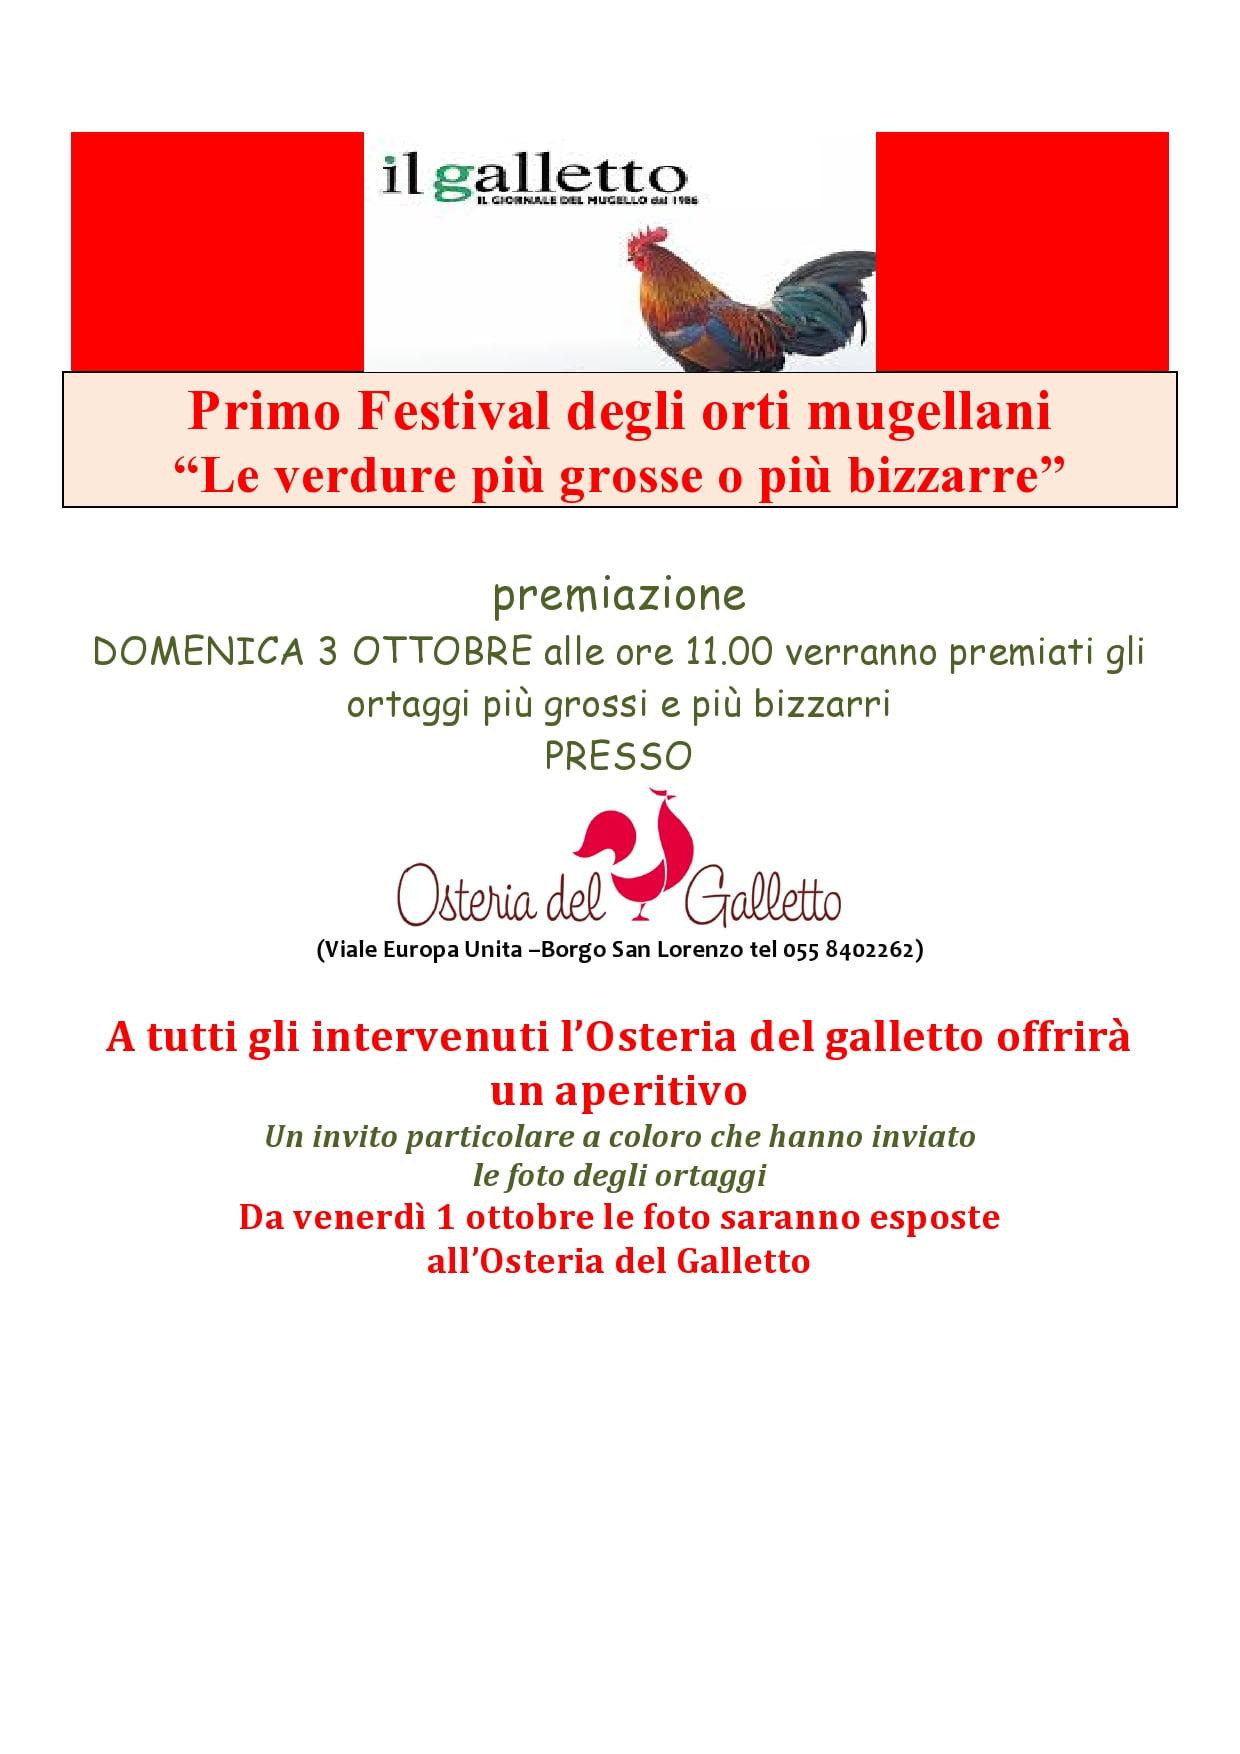 Premiazione Primo Festival Ortaggi mugellani